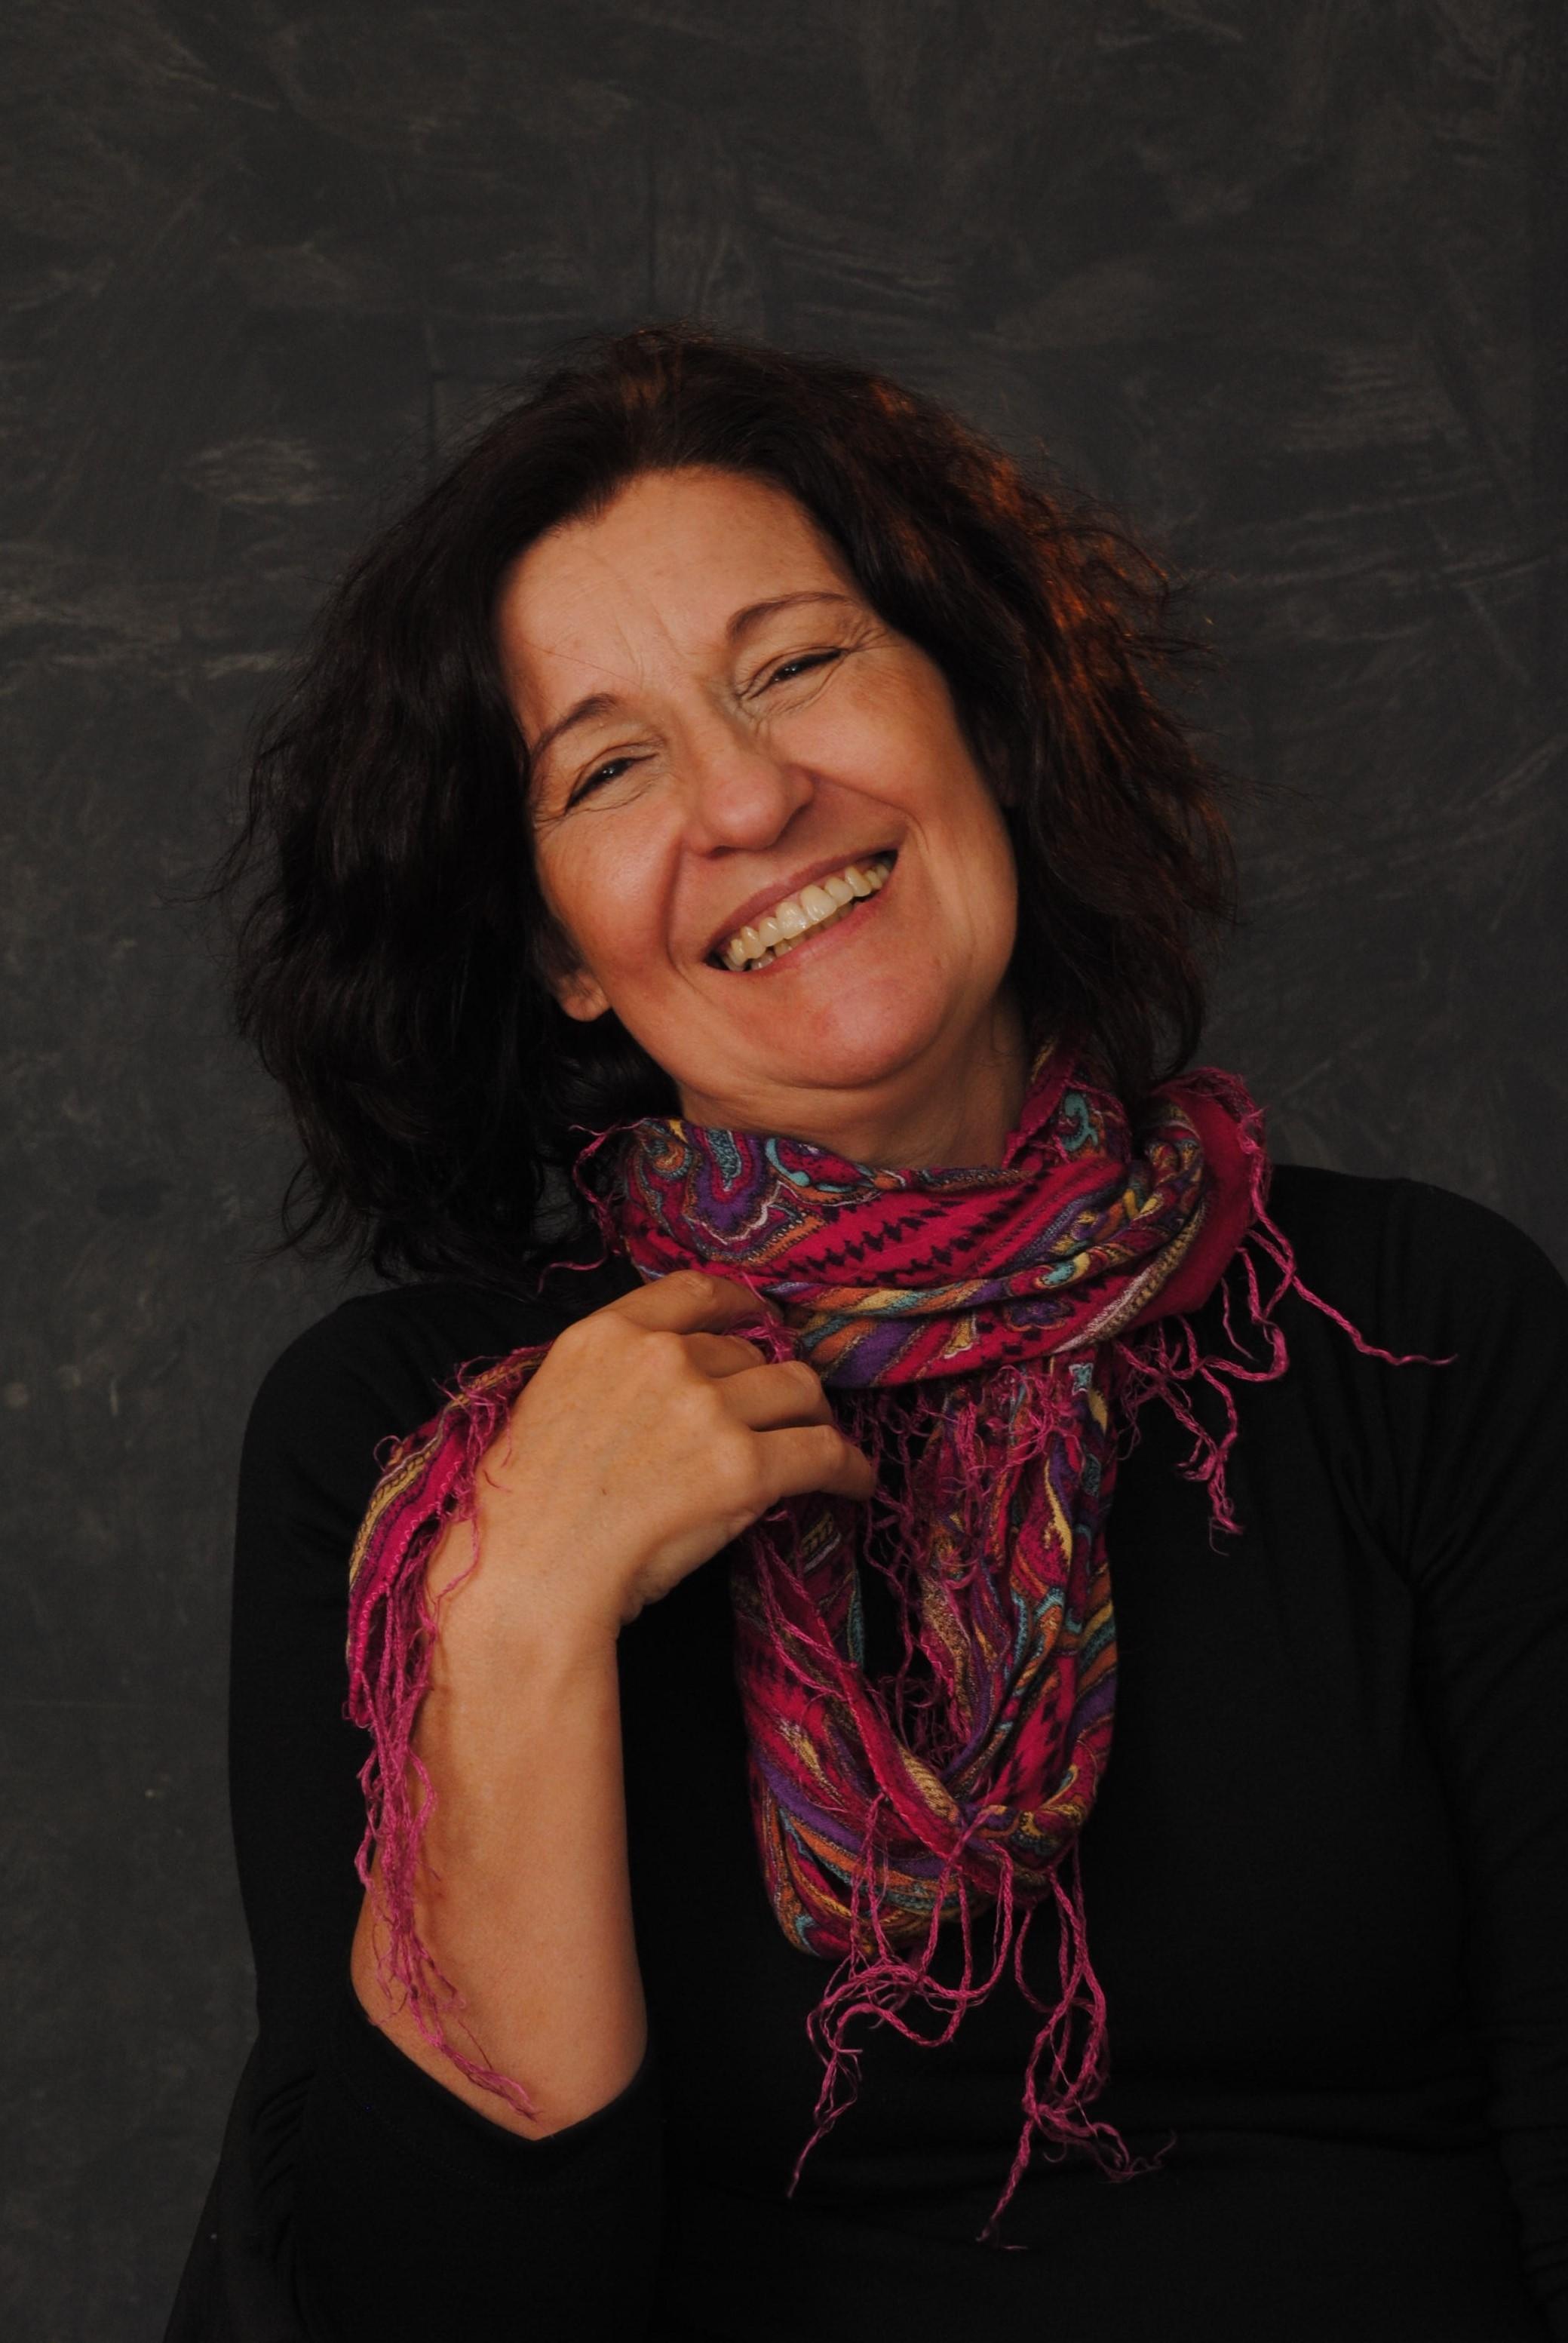 Liliana Bodoc